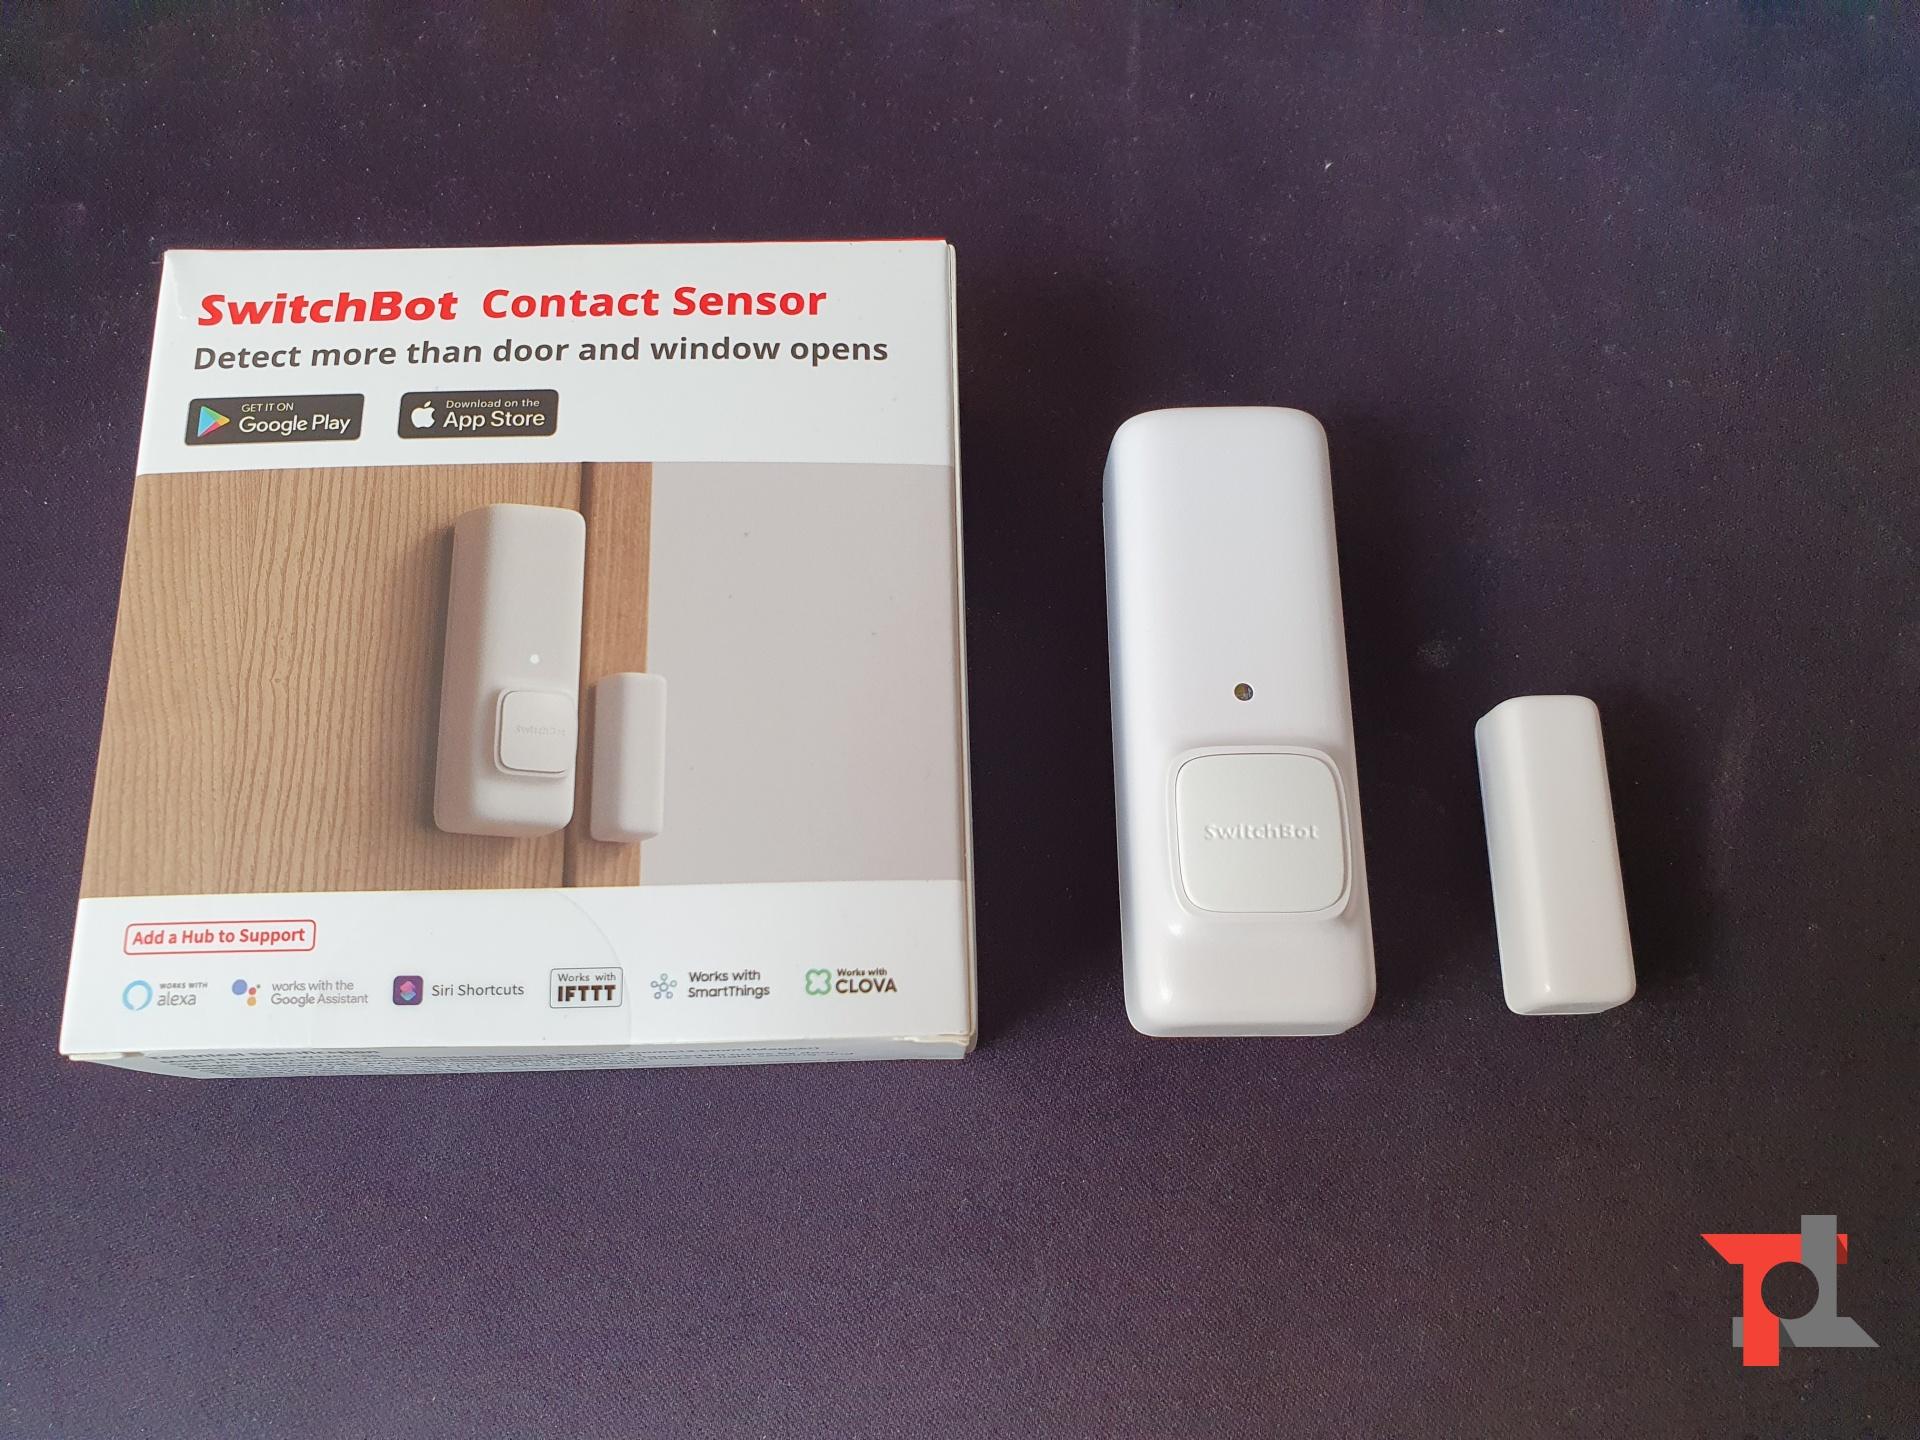 L'ecosistema SwitchBot si espande: abbiamo provato due nuovi sensori e il bot originale 1